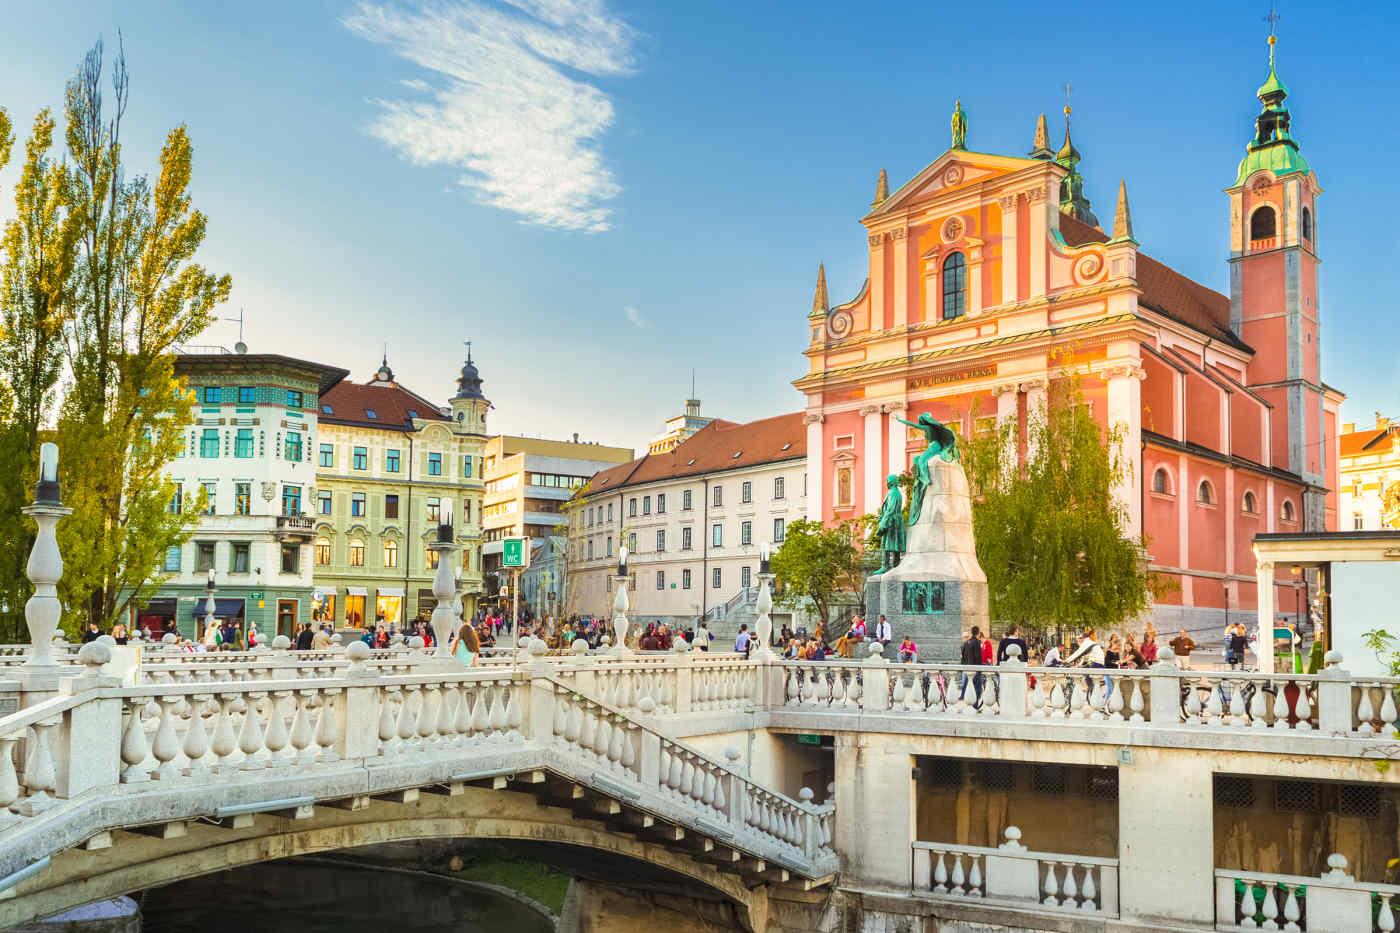 Ljubljana, Slovnenia